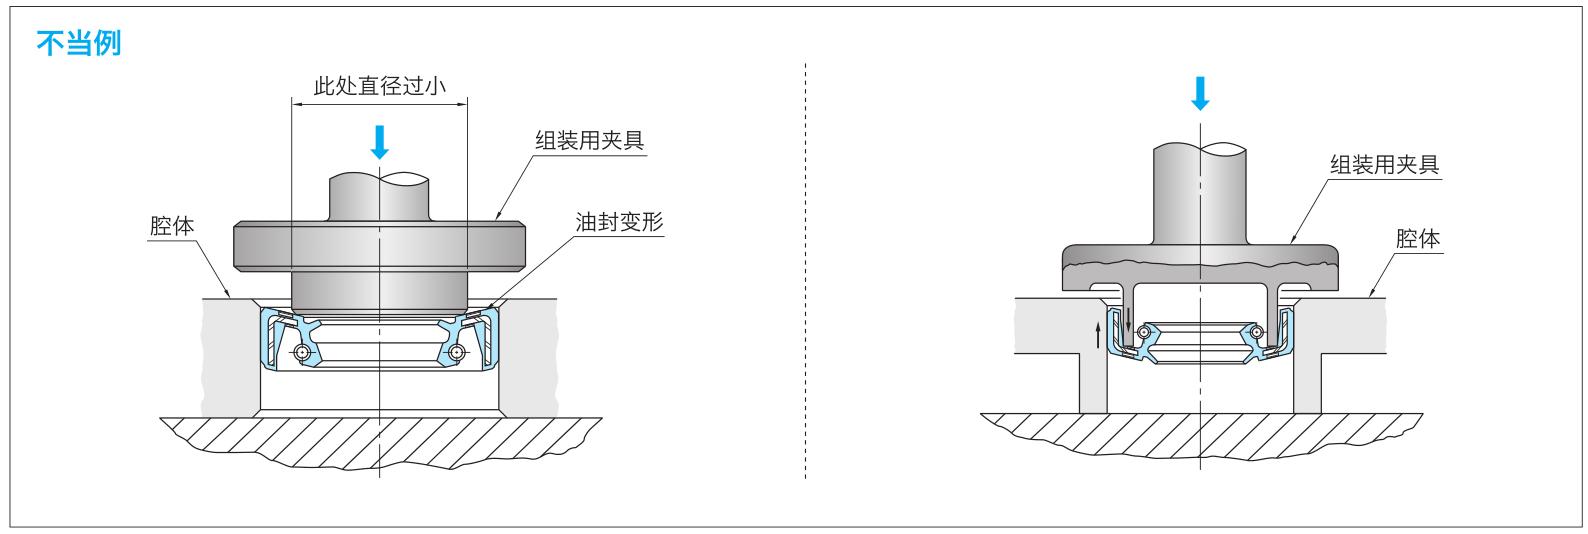 图2-1 安装夹具使用不当